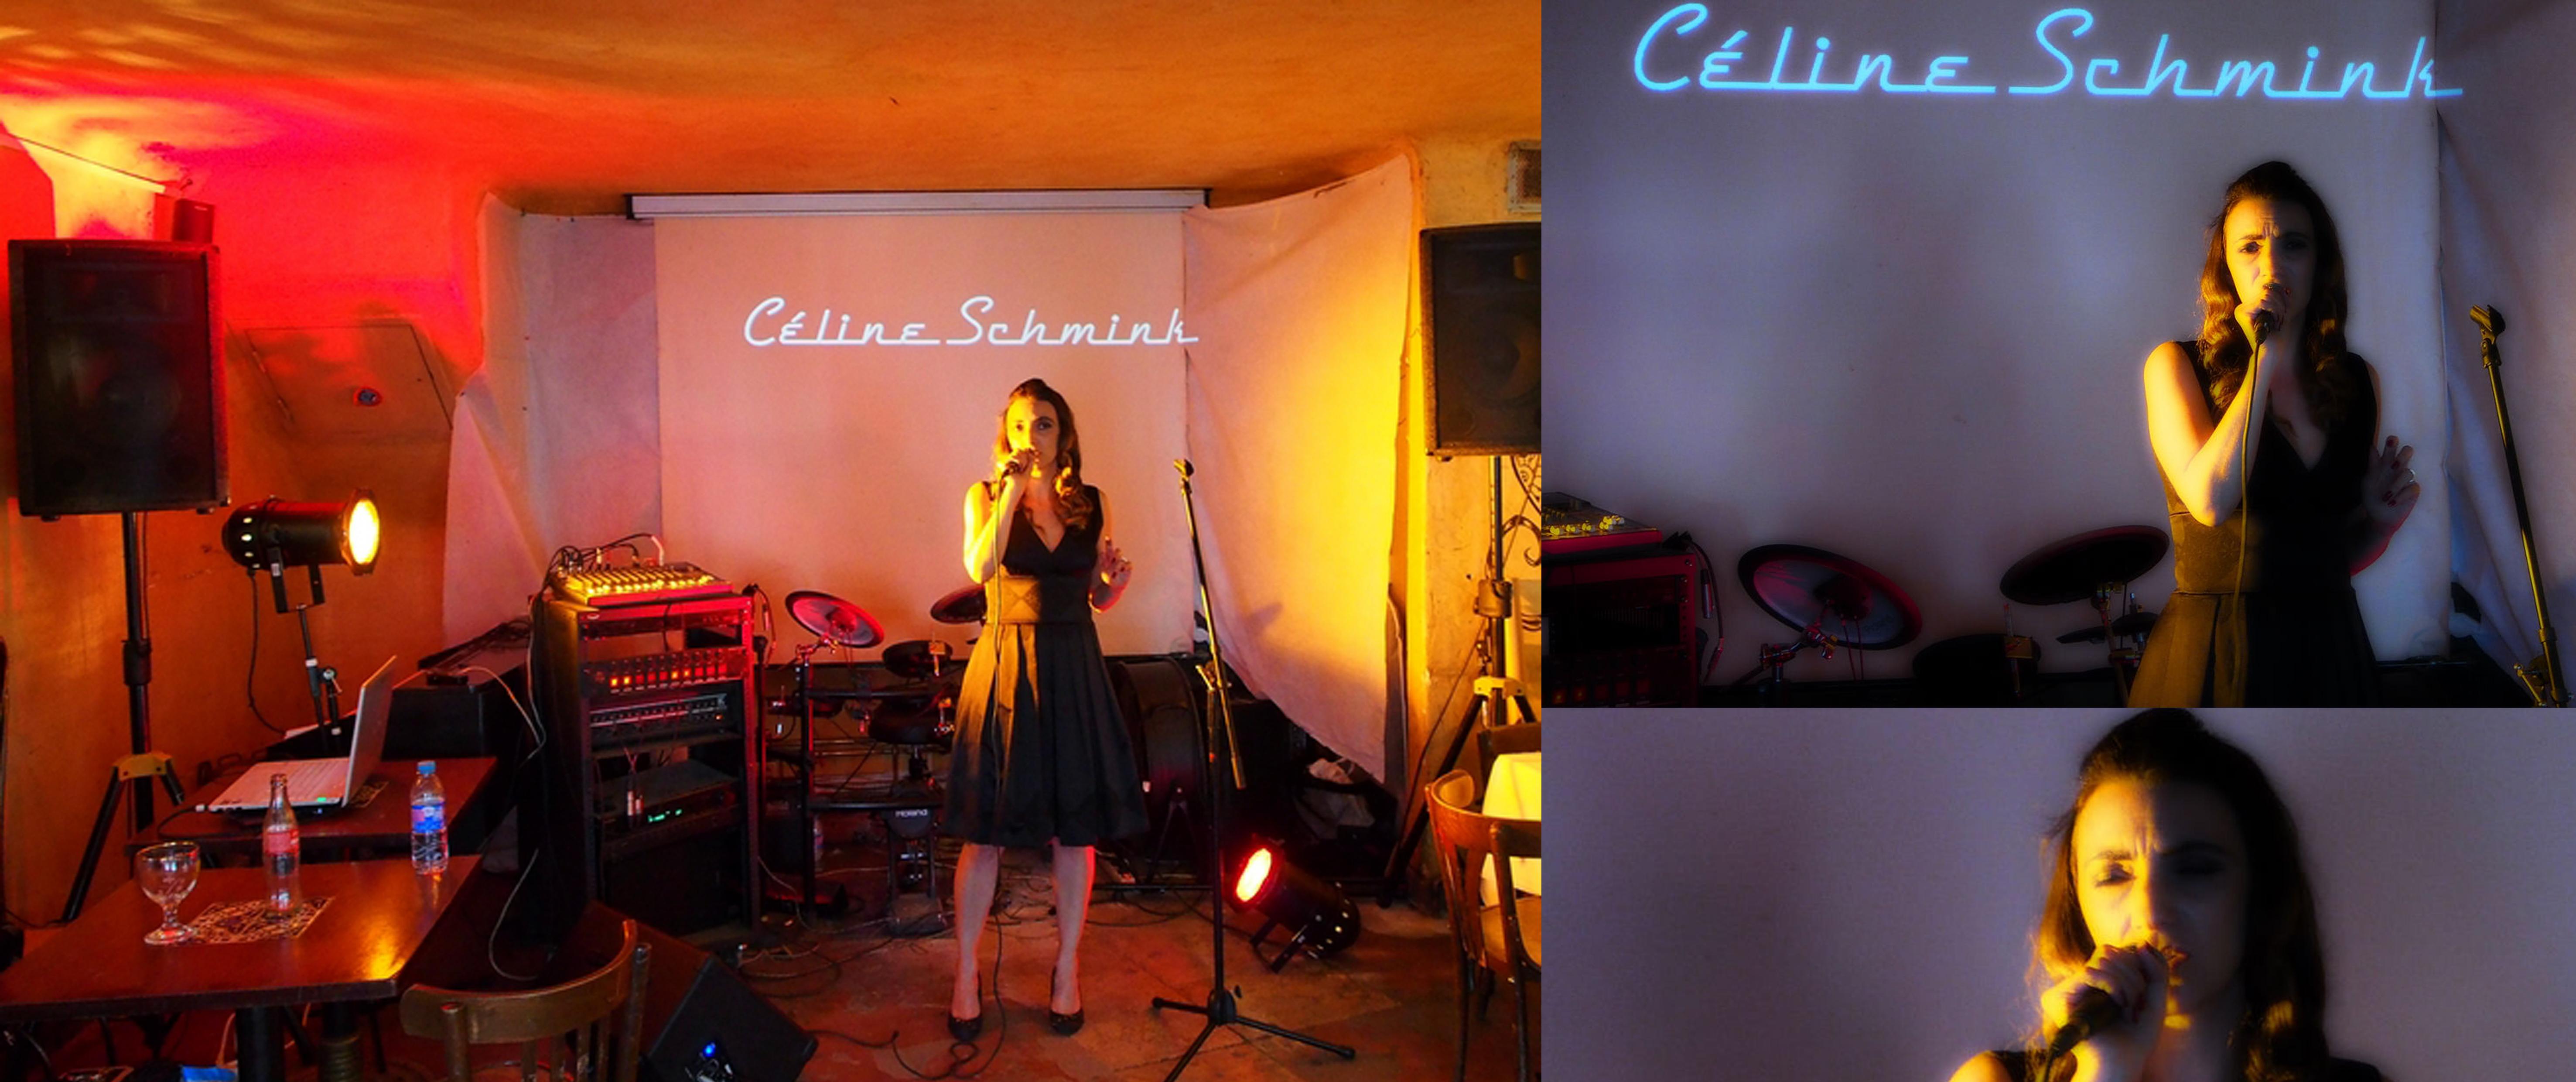 Céline Schmink, le renouveau du rétro rock à la française